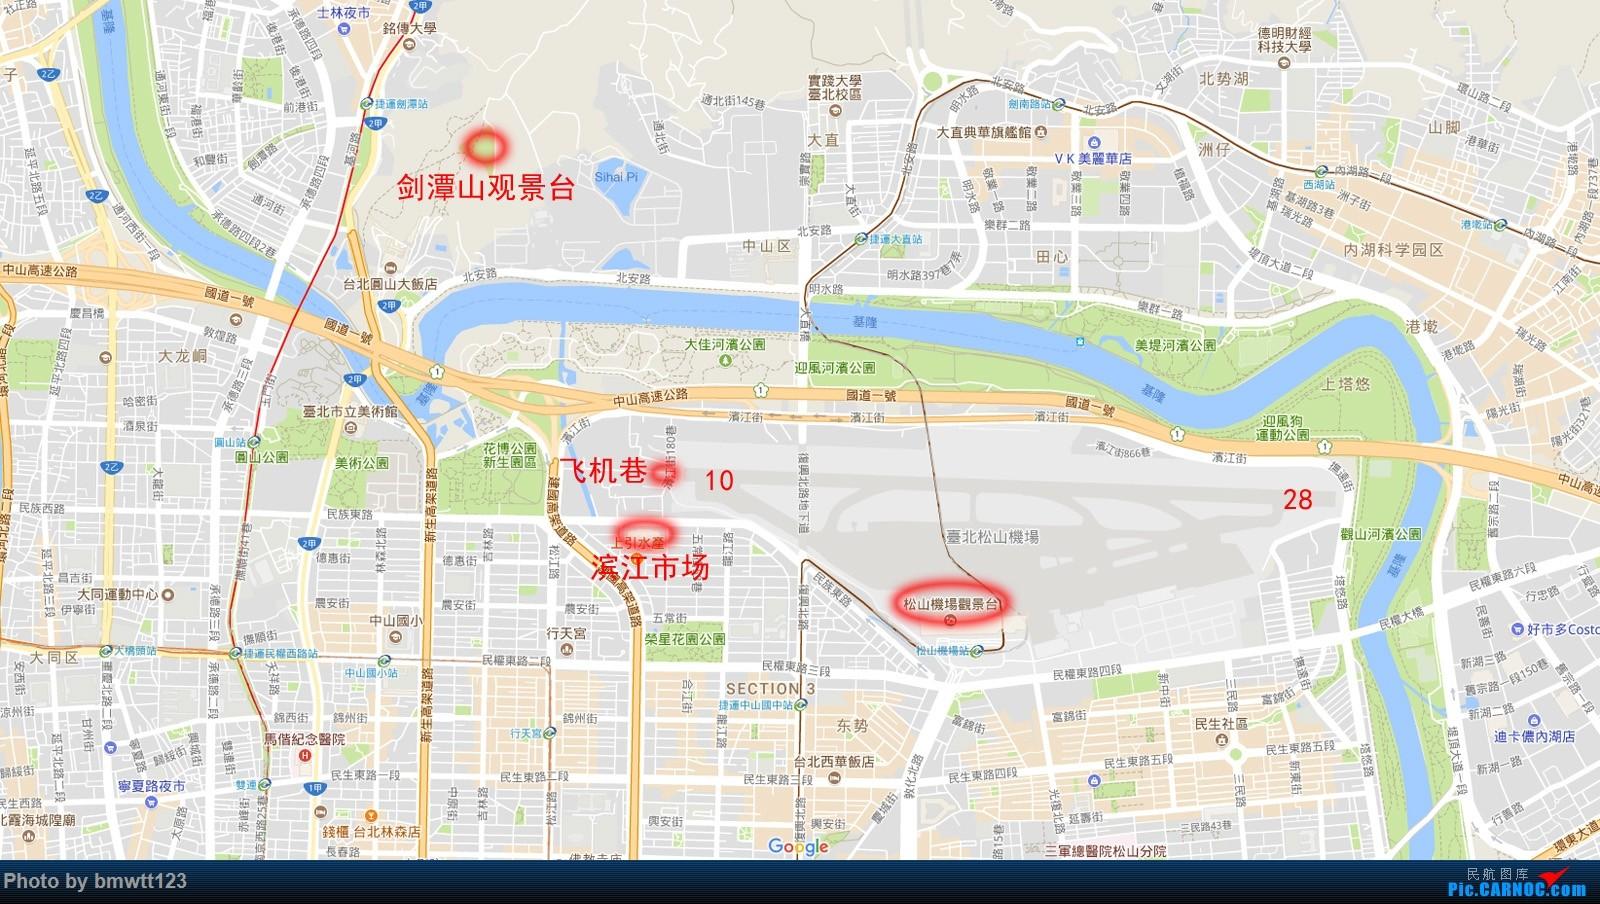 Re:[原创]【TSA松山】蔡阿姨家2日拍机作业之松山印象,附松山拍机位地图